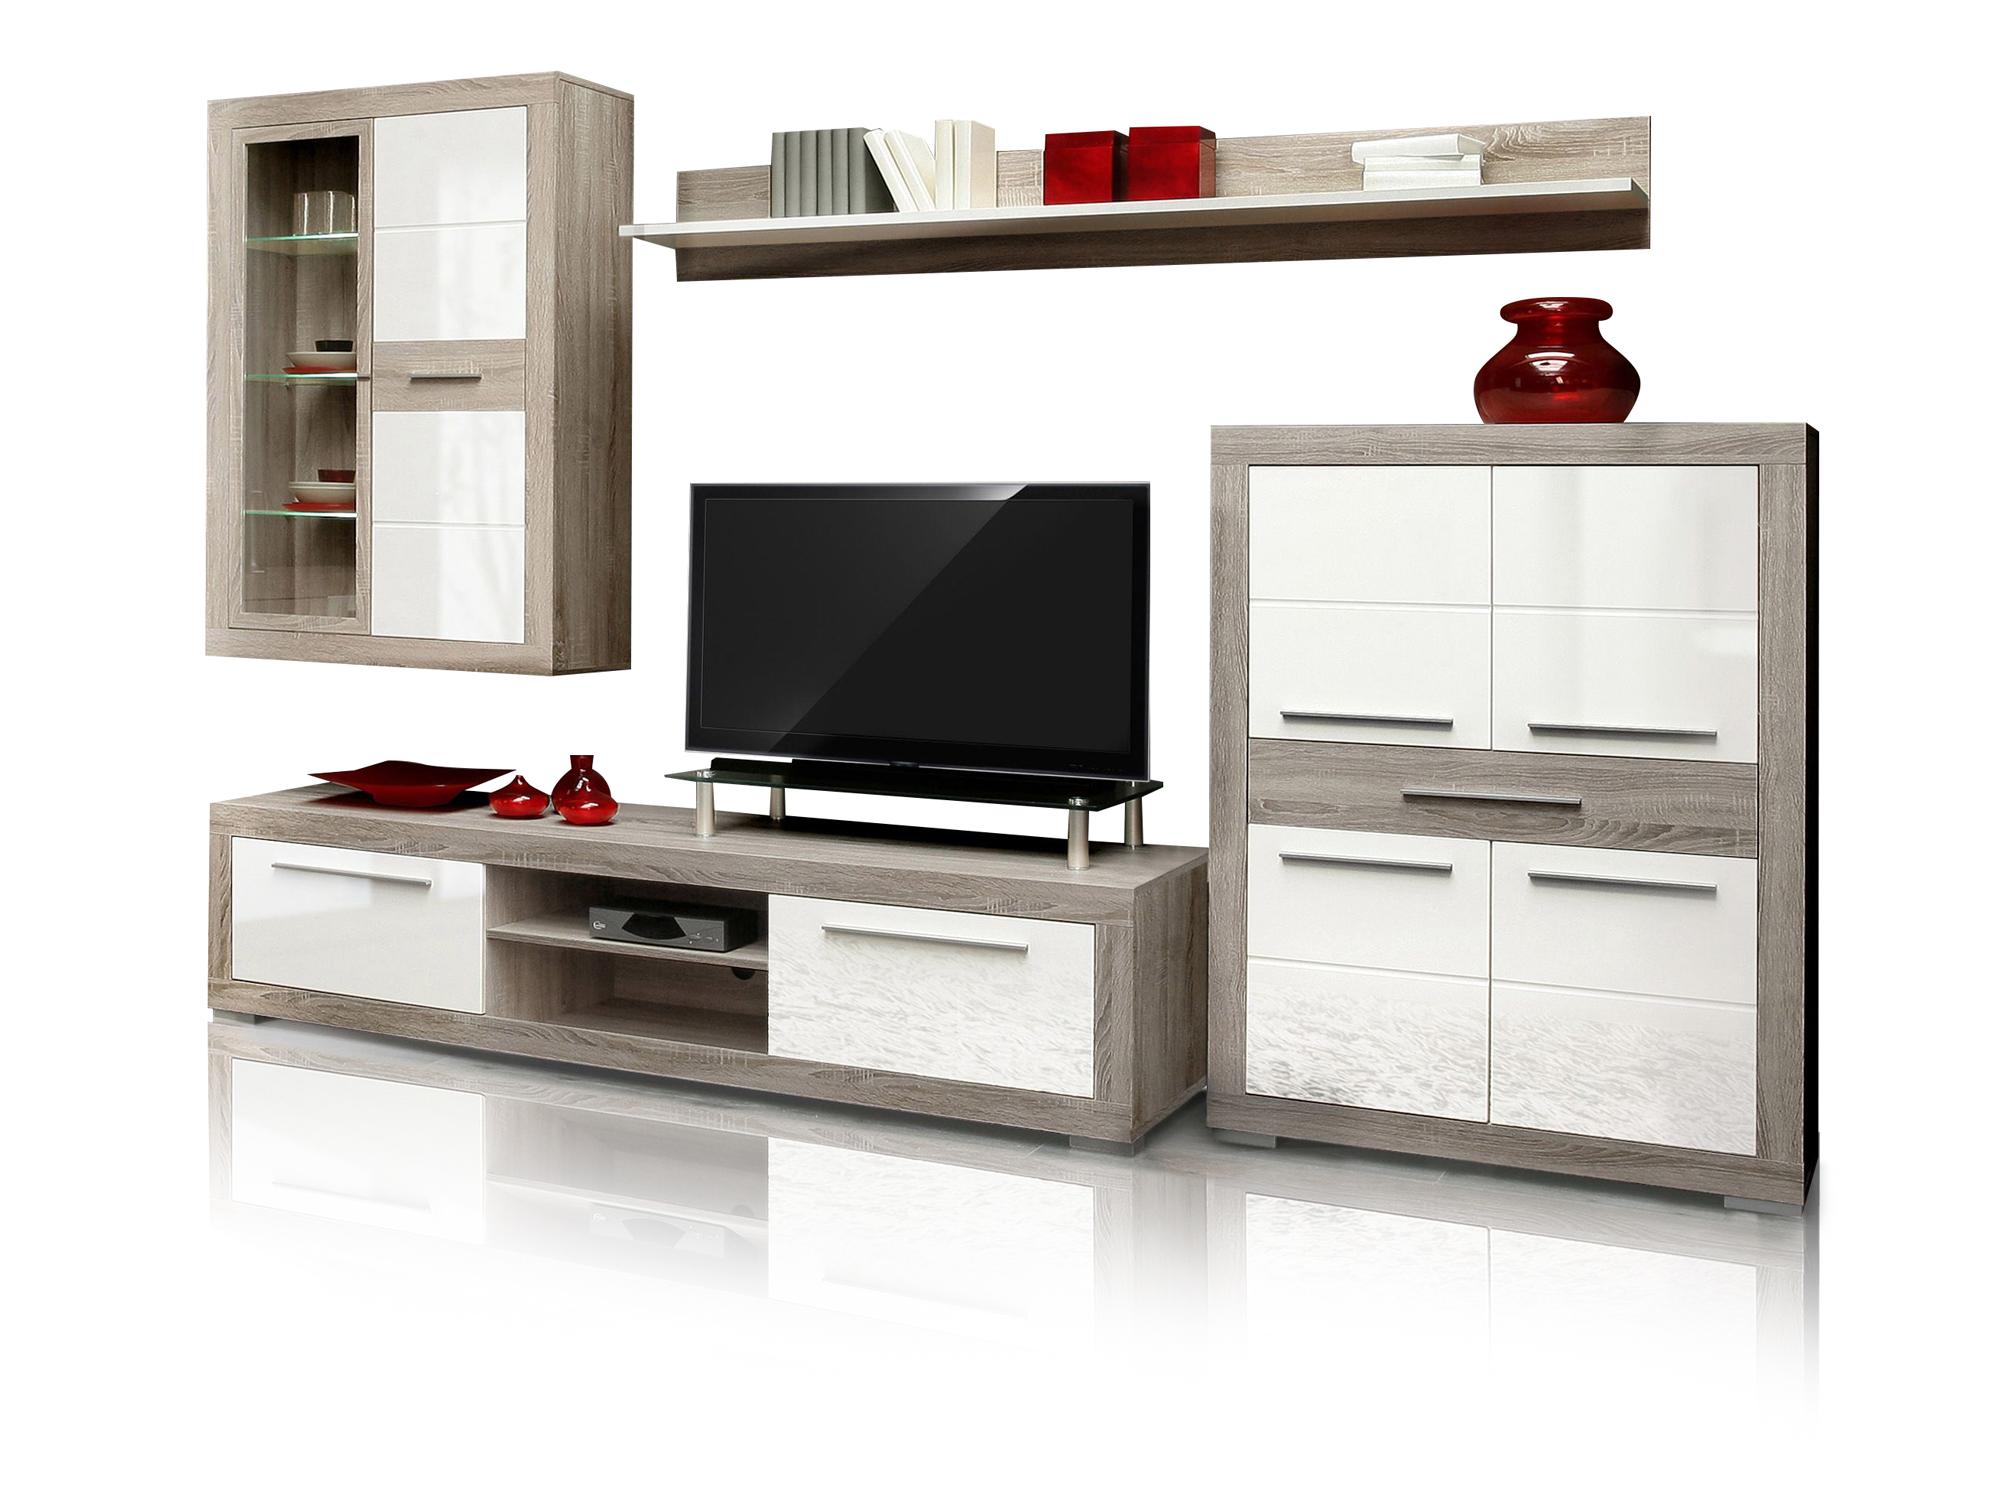 amberg ii wohnwand eiche sonoma grau wei hg. Black Bedroom Furniture Sets. Home Design Ideas